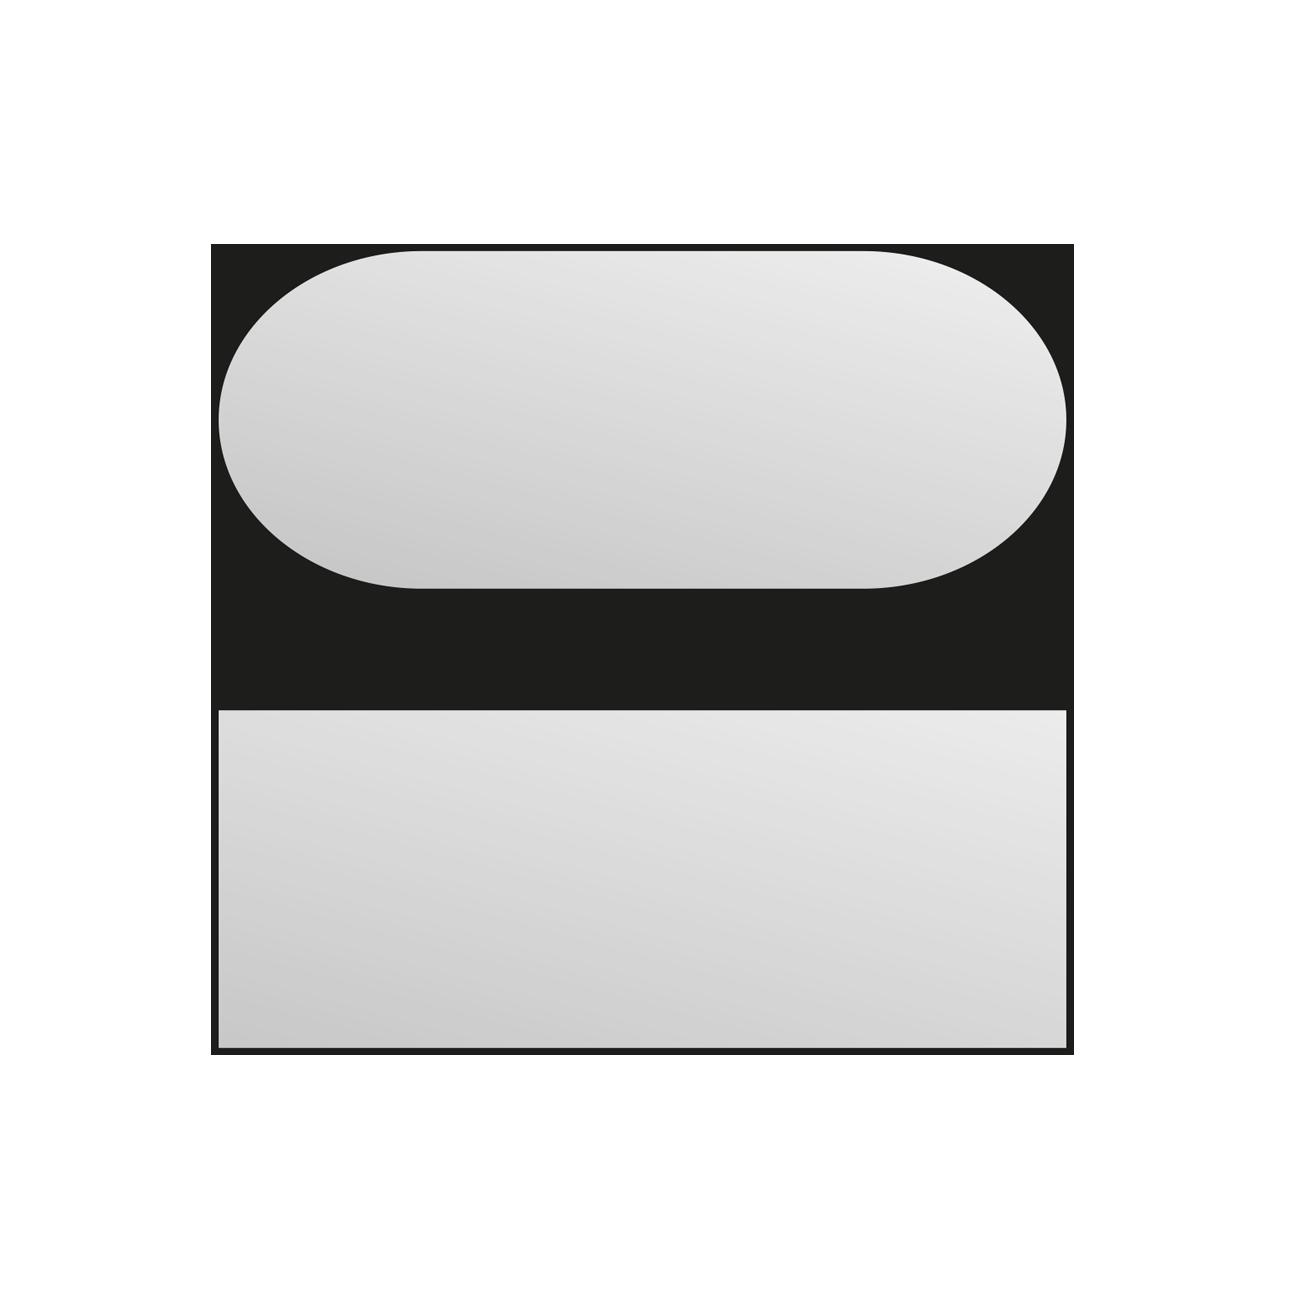 Pana Paralela Forma A 6885 Otel Olc45-10x 8×100